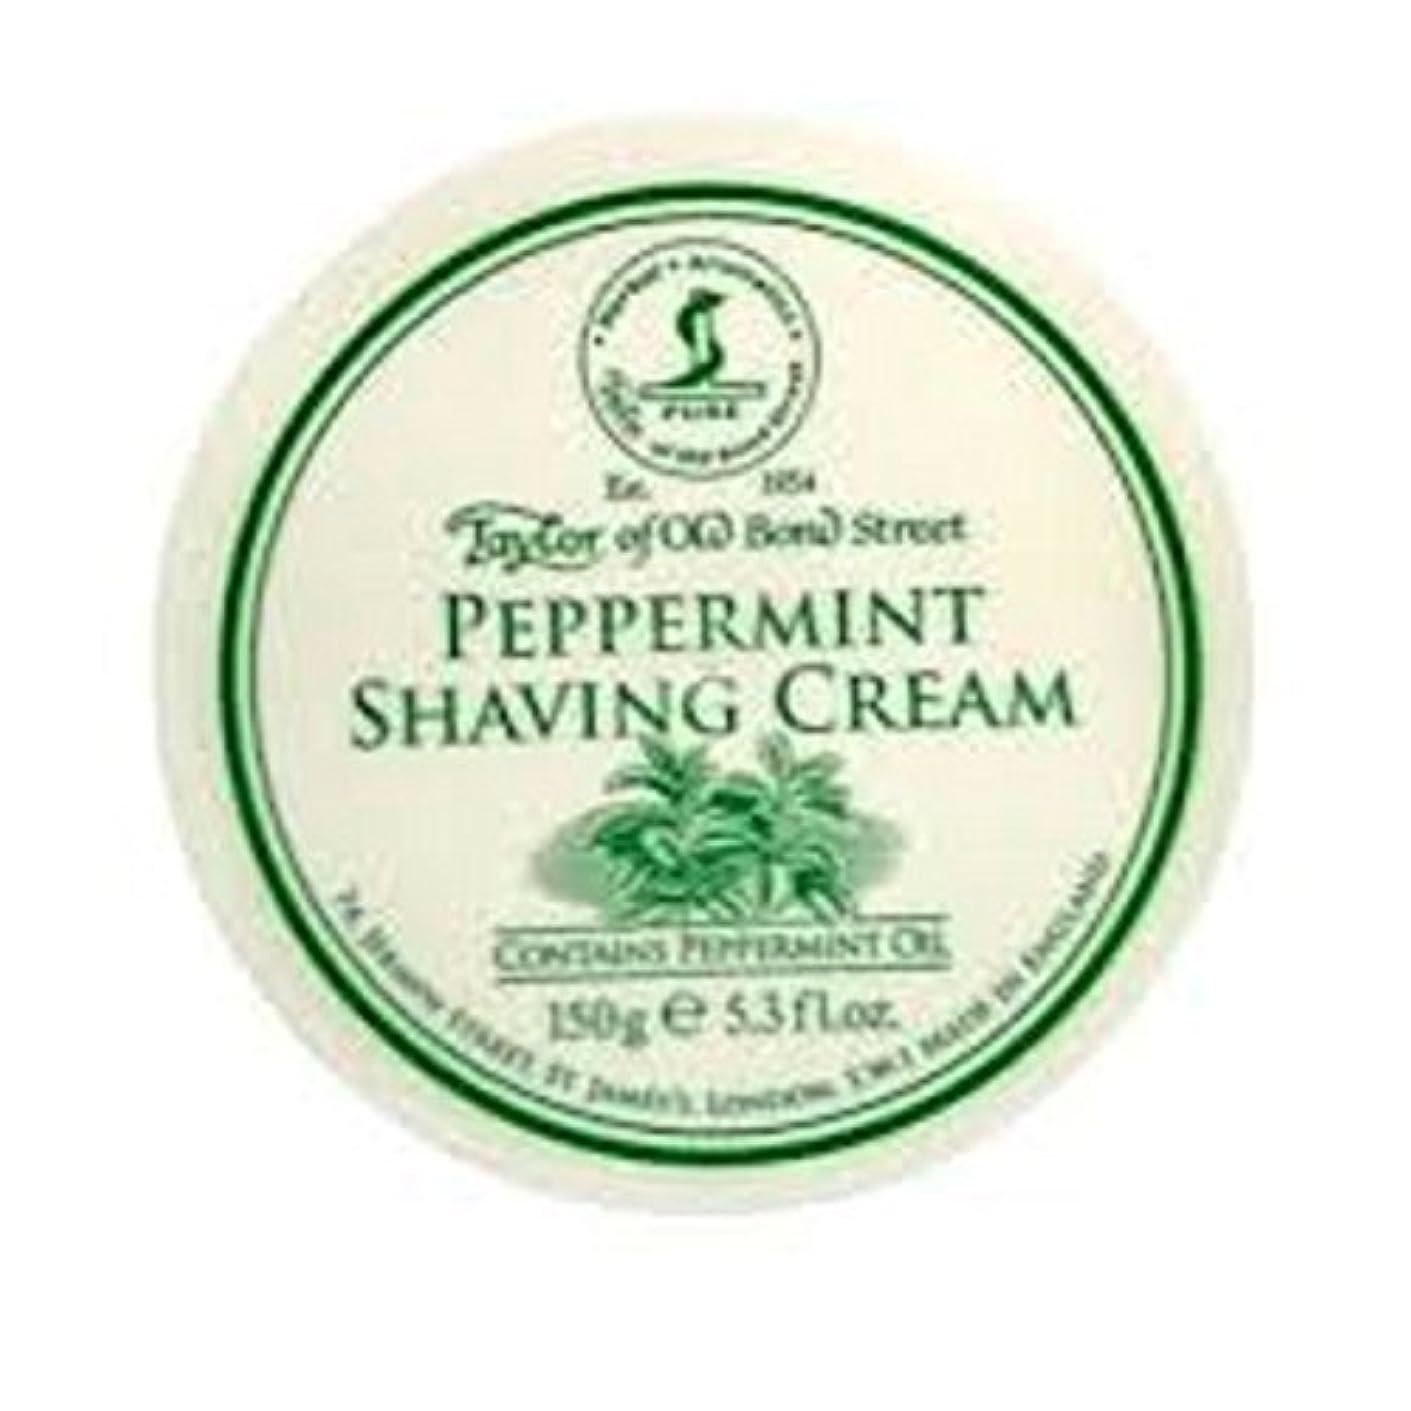 赤愛国的な自己Taylors of Old Bond Street 150g Traditional Shaving Cream Tub (Peppermint) by Taylor of Old Bond Street